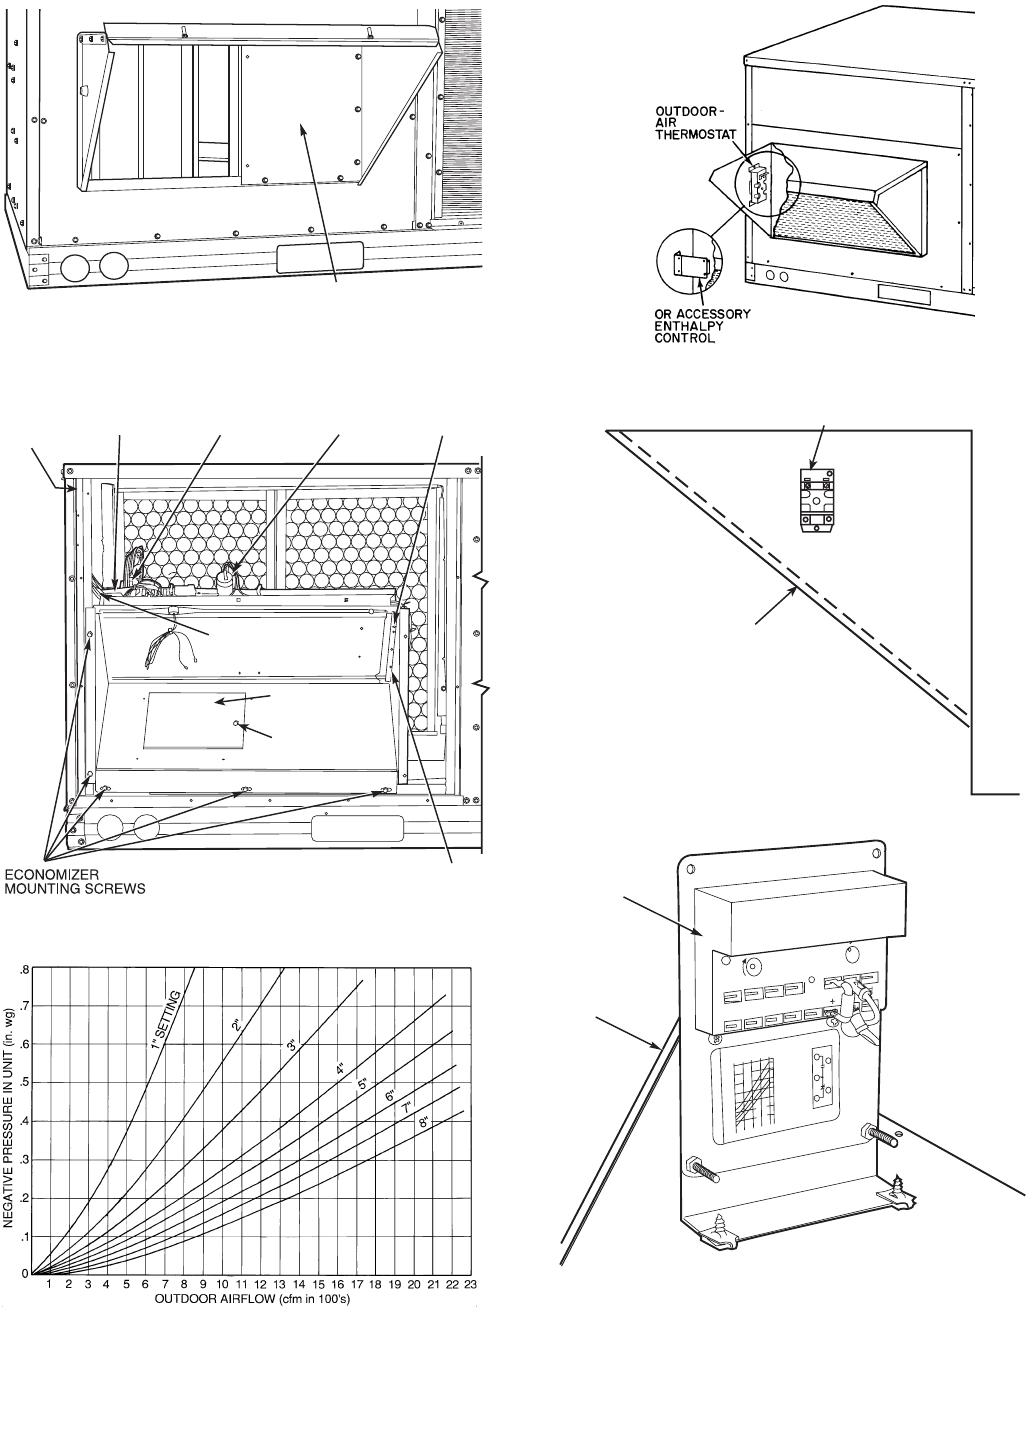 Carrier 48TJD, 48TJE, TJE, TJF004, TJF005-007 Fig. 21